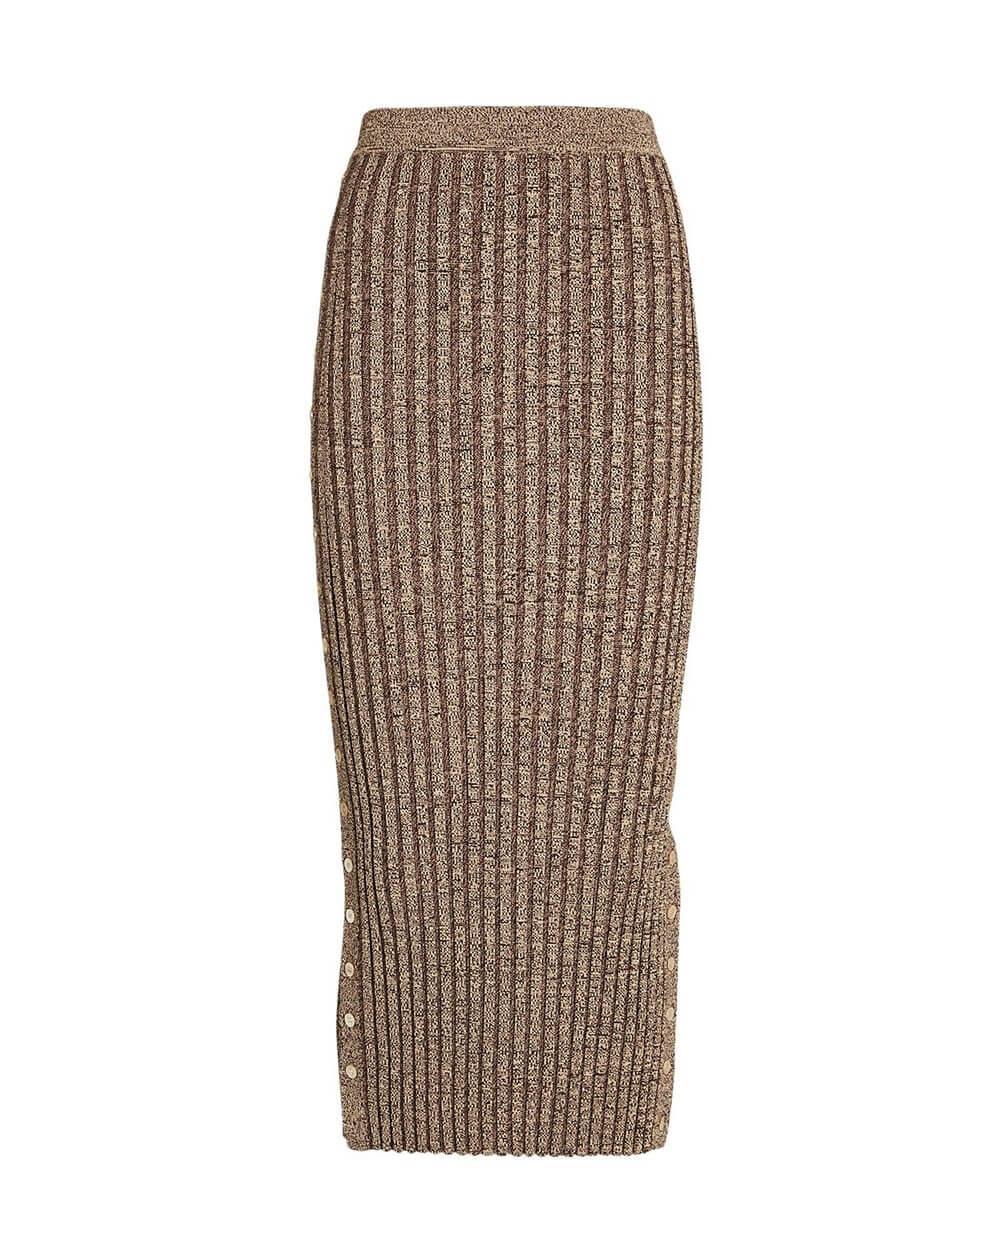 Ashton Rib Midi Skirt Item # 521-3028-K